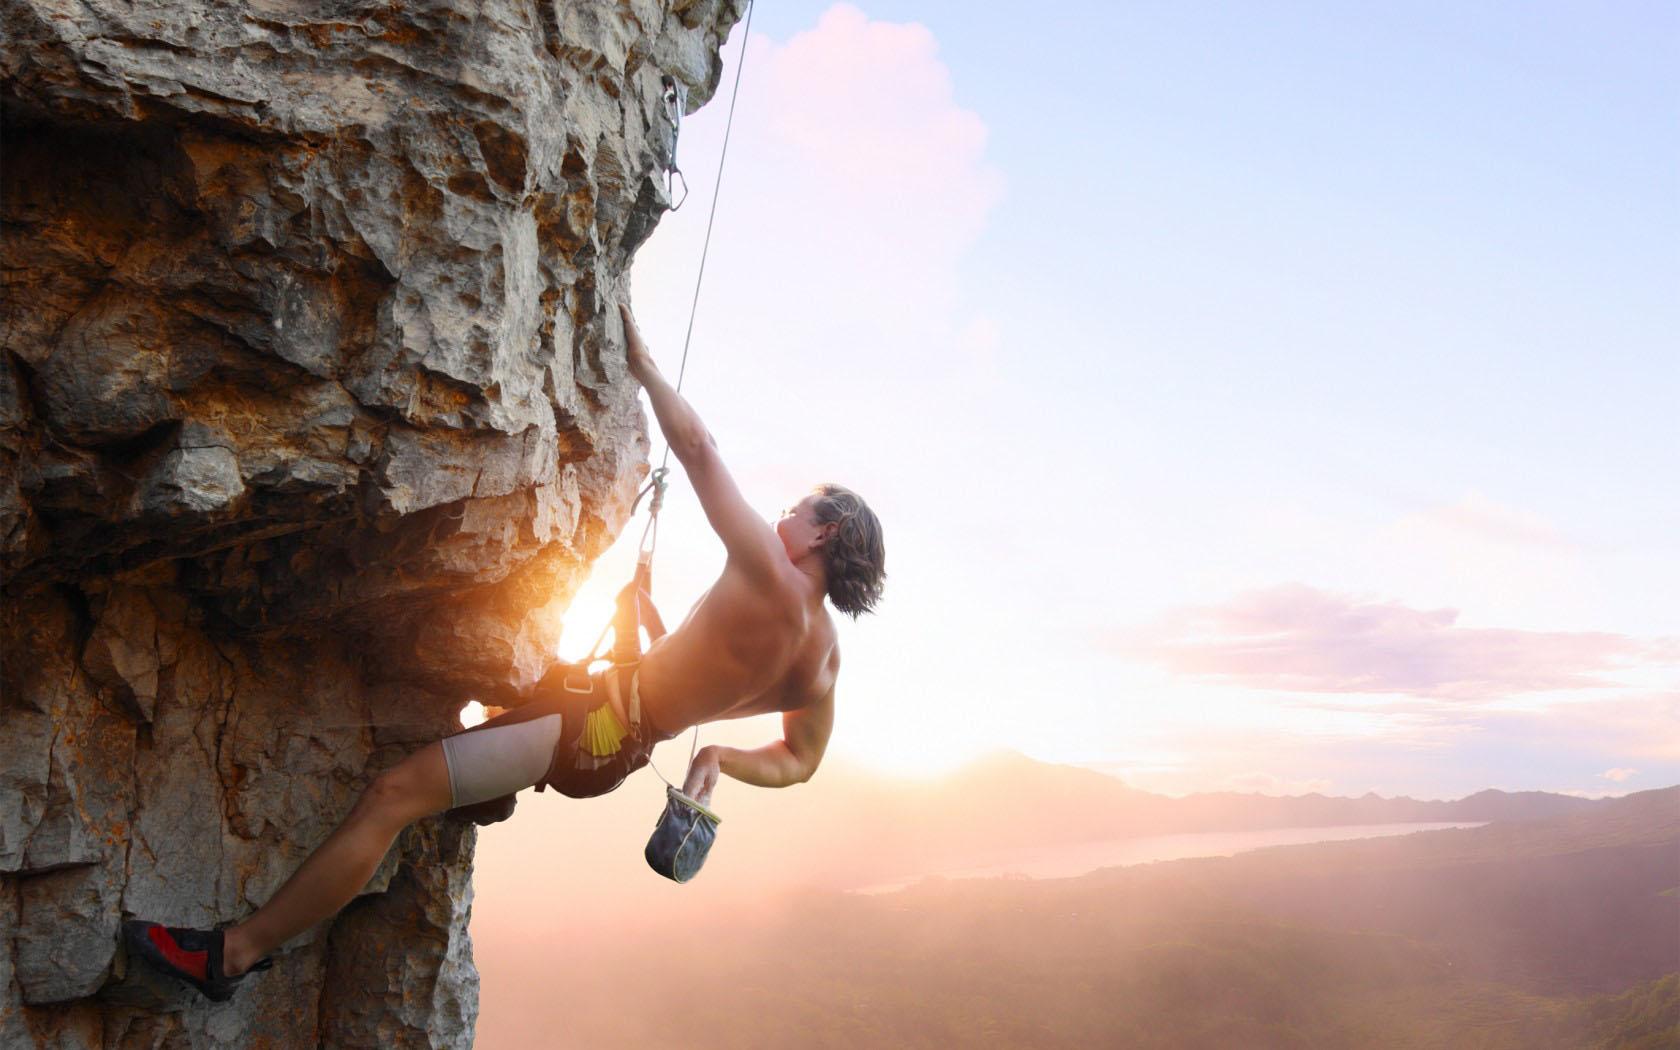 rock climbing computer wallpaper 56287